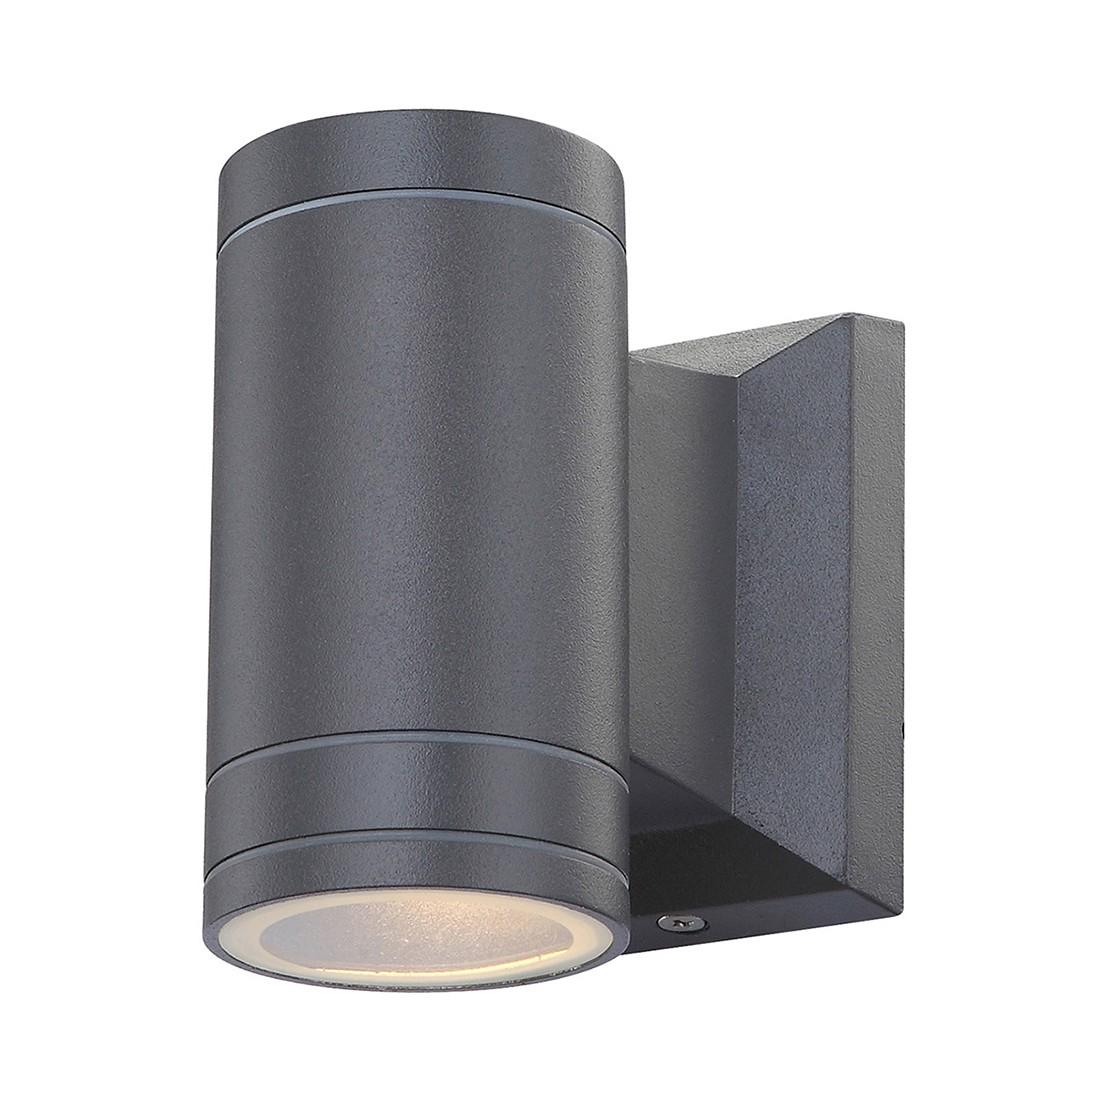 Außenleuchte Gantar by Globo ● Aluminium/Glas ● Grau ● 1-flammig- Globo Lighting A++